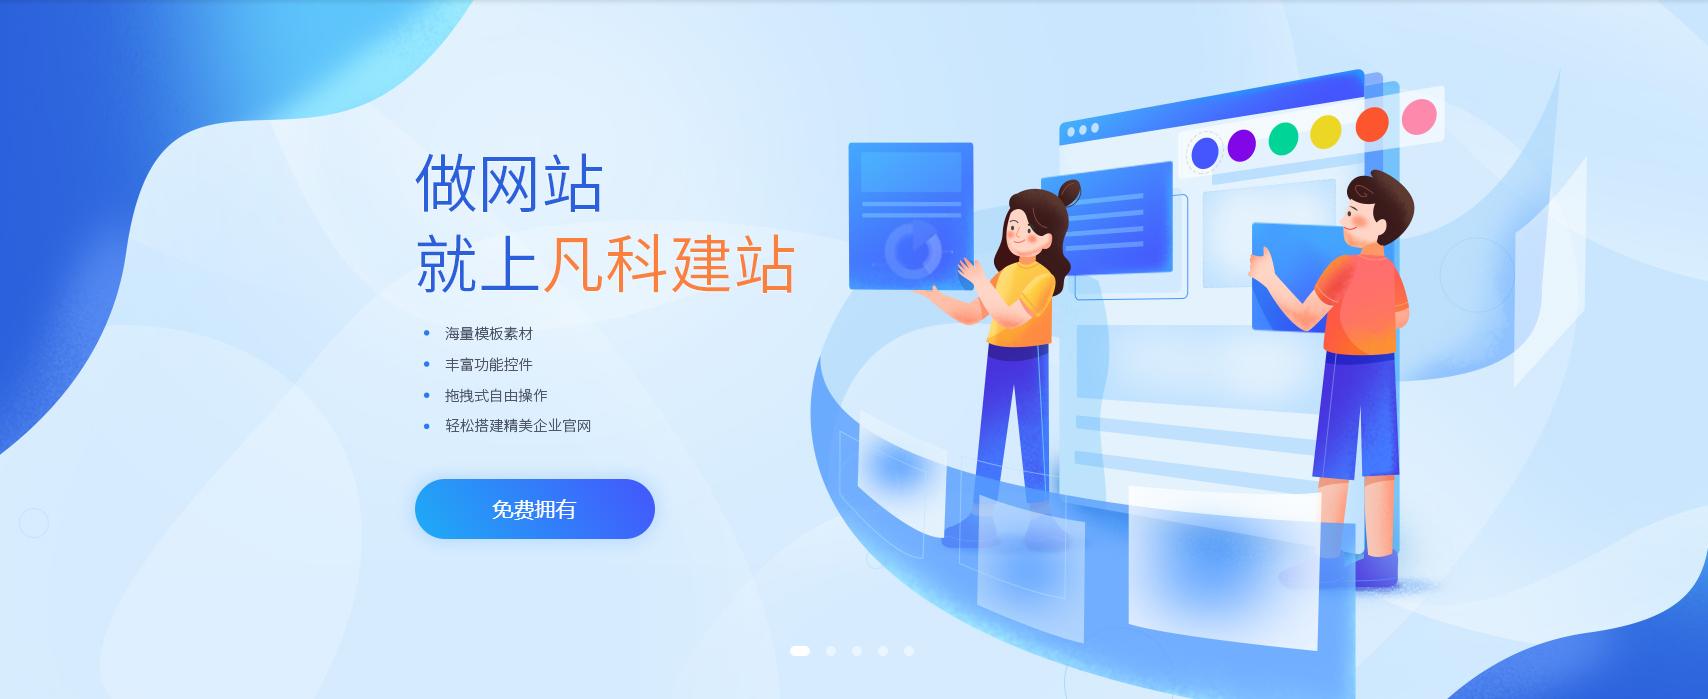 网站建设始于用户需求